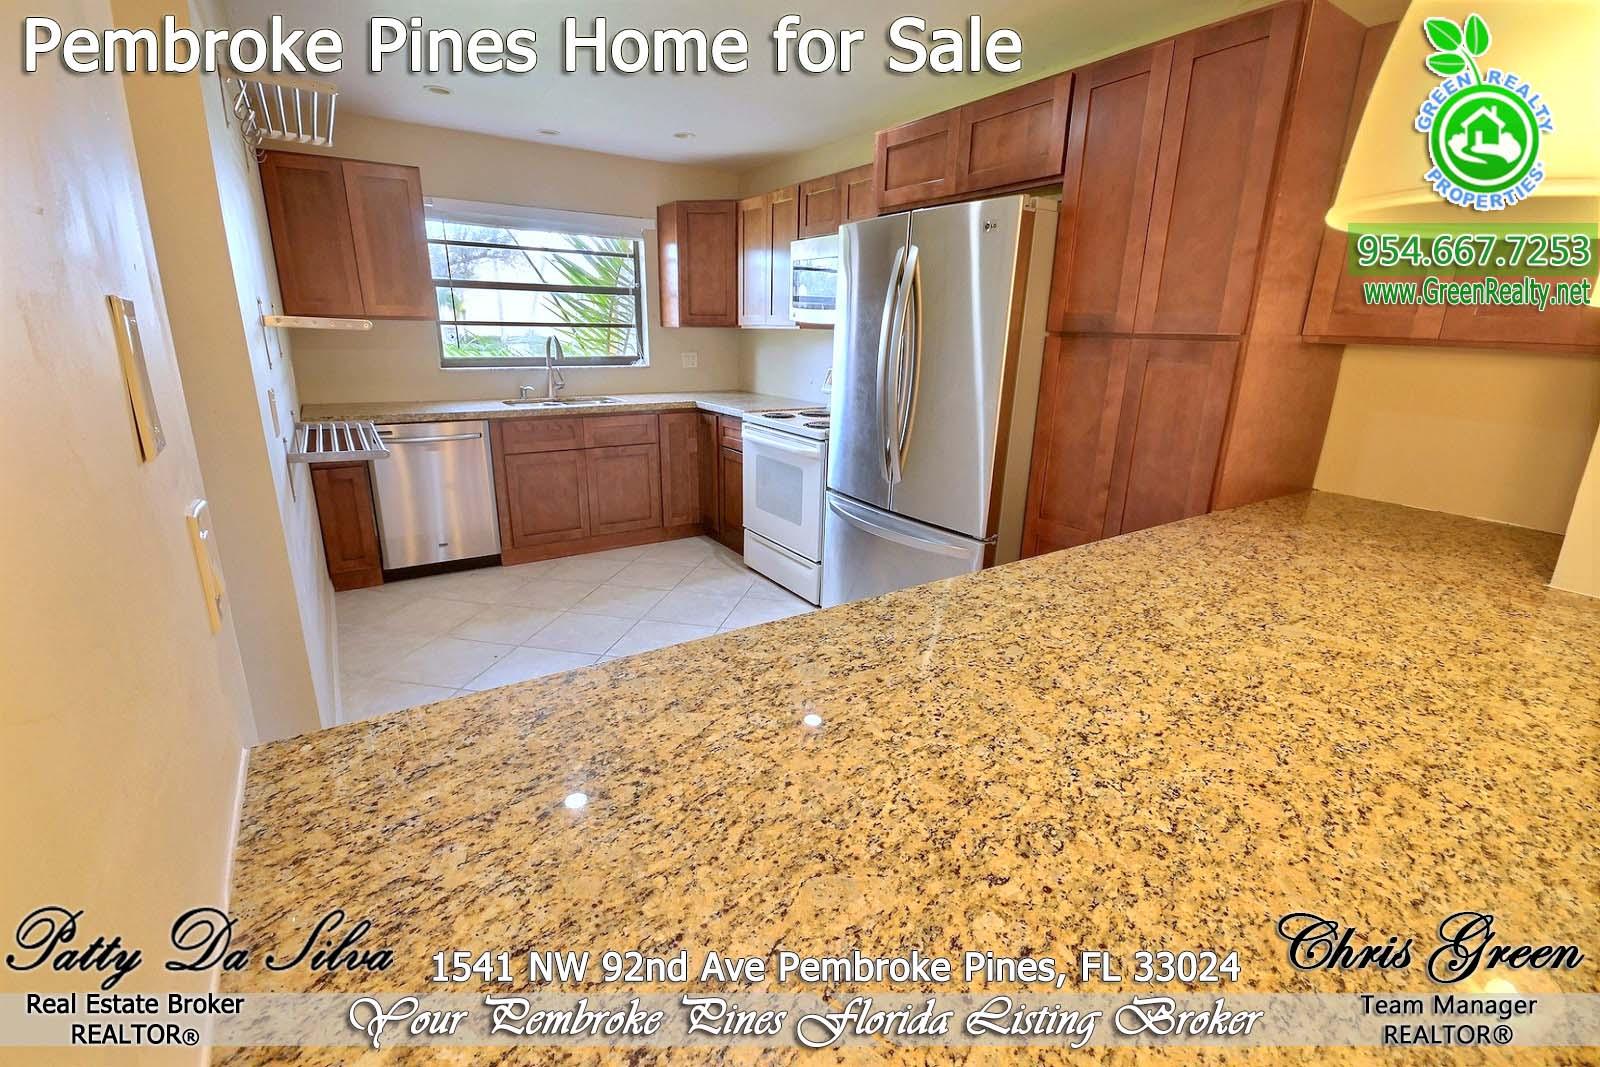 Best Pembroke Pines Real Estate